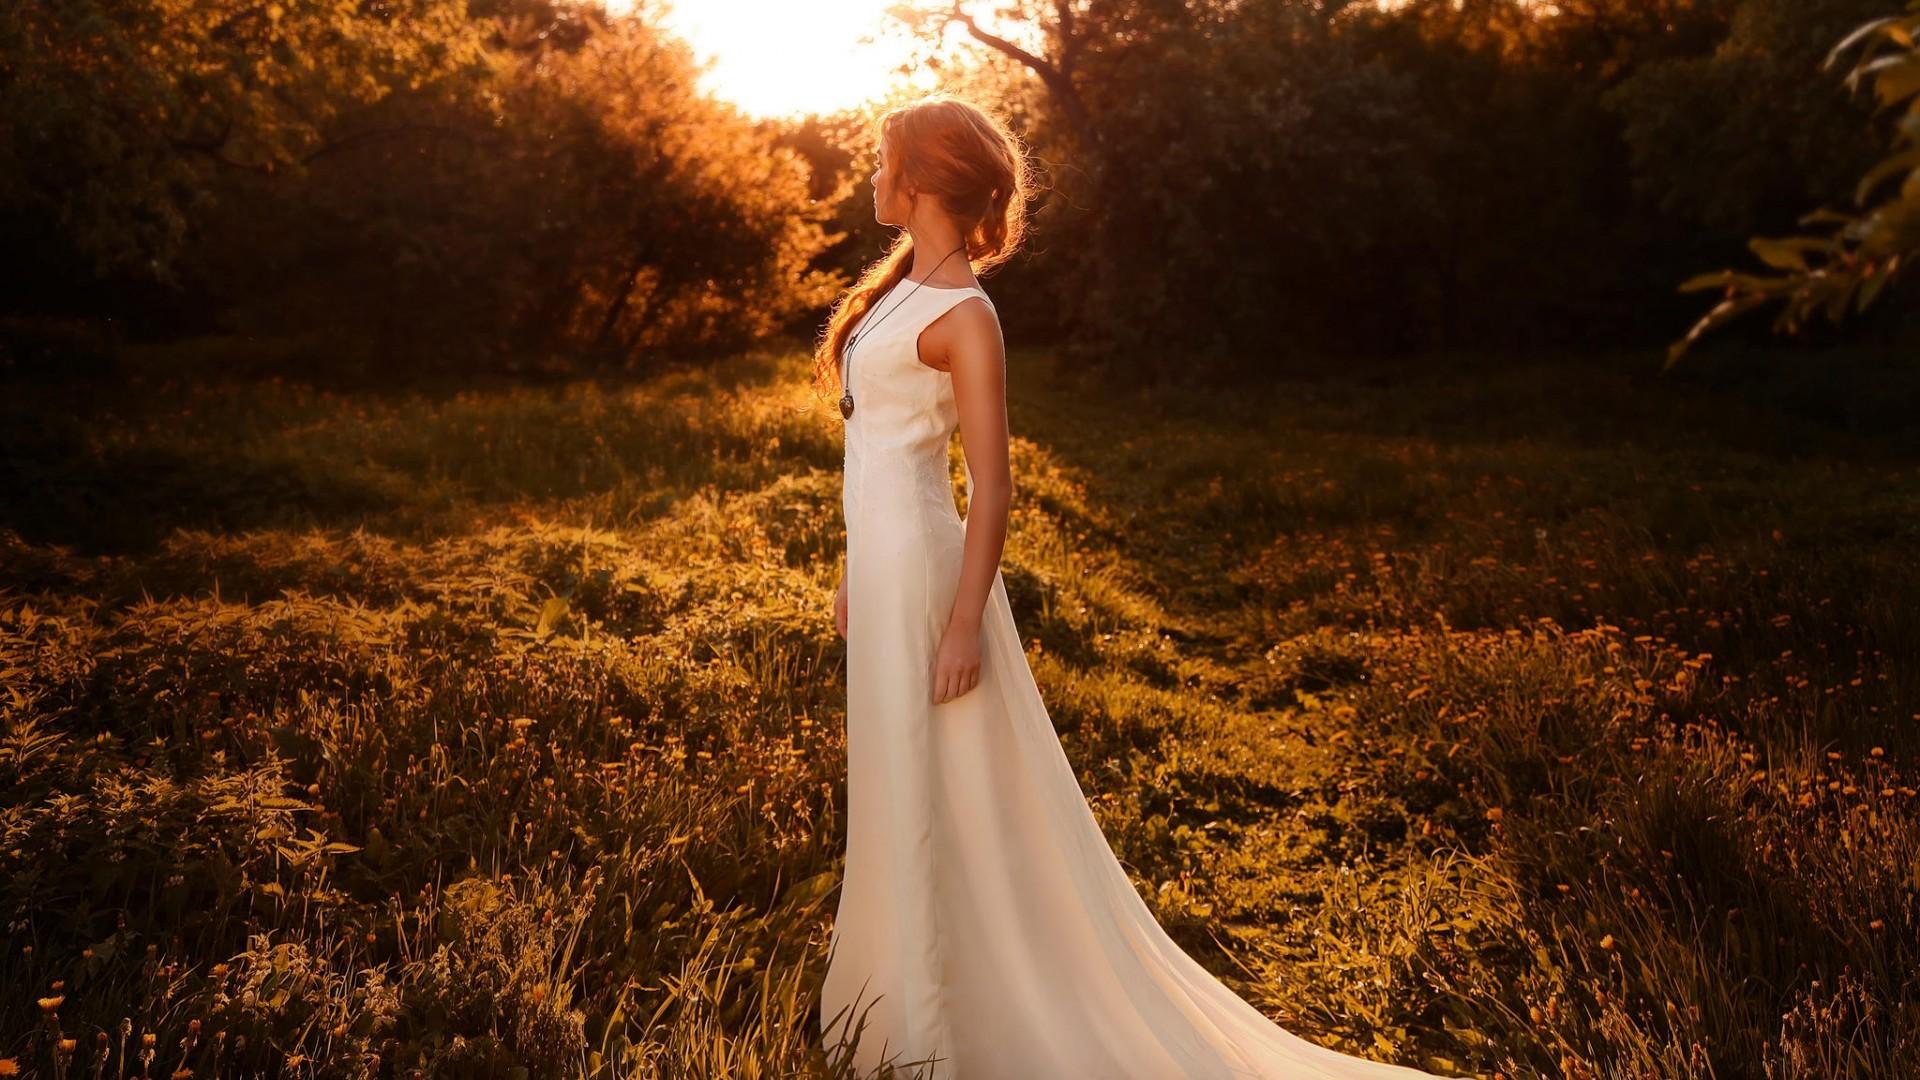 Hintergrundbilder : Sonnenlicht, Frauen im Freien, Frau, weißes ...